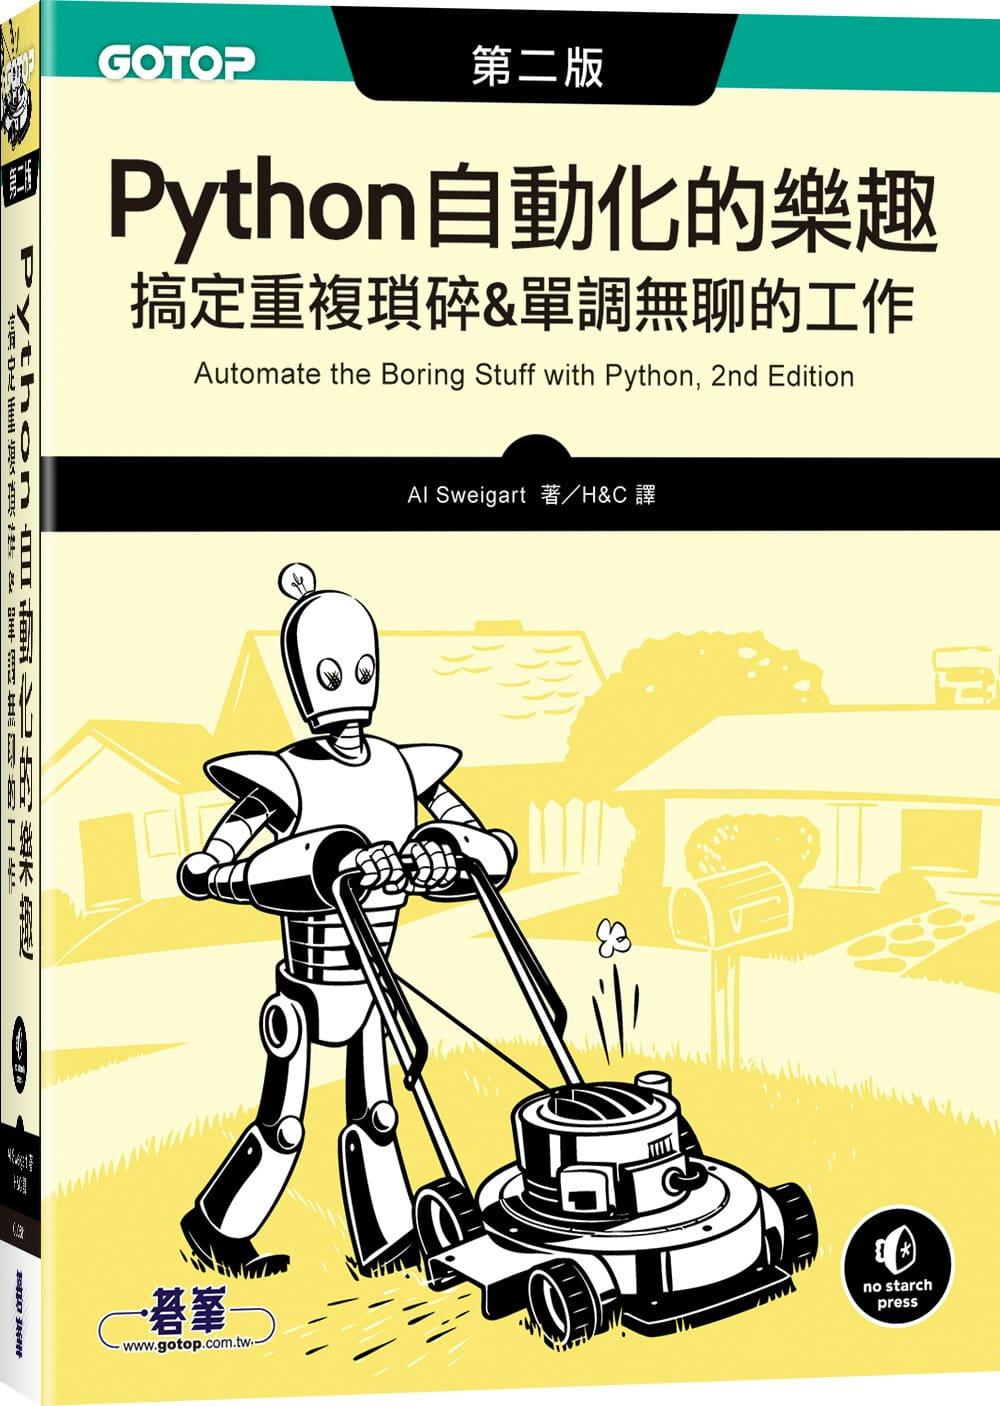 Python 入門書推薦 機器人 處理繁瑣工作